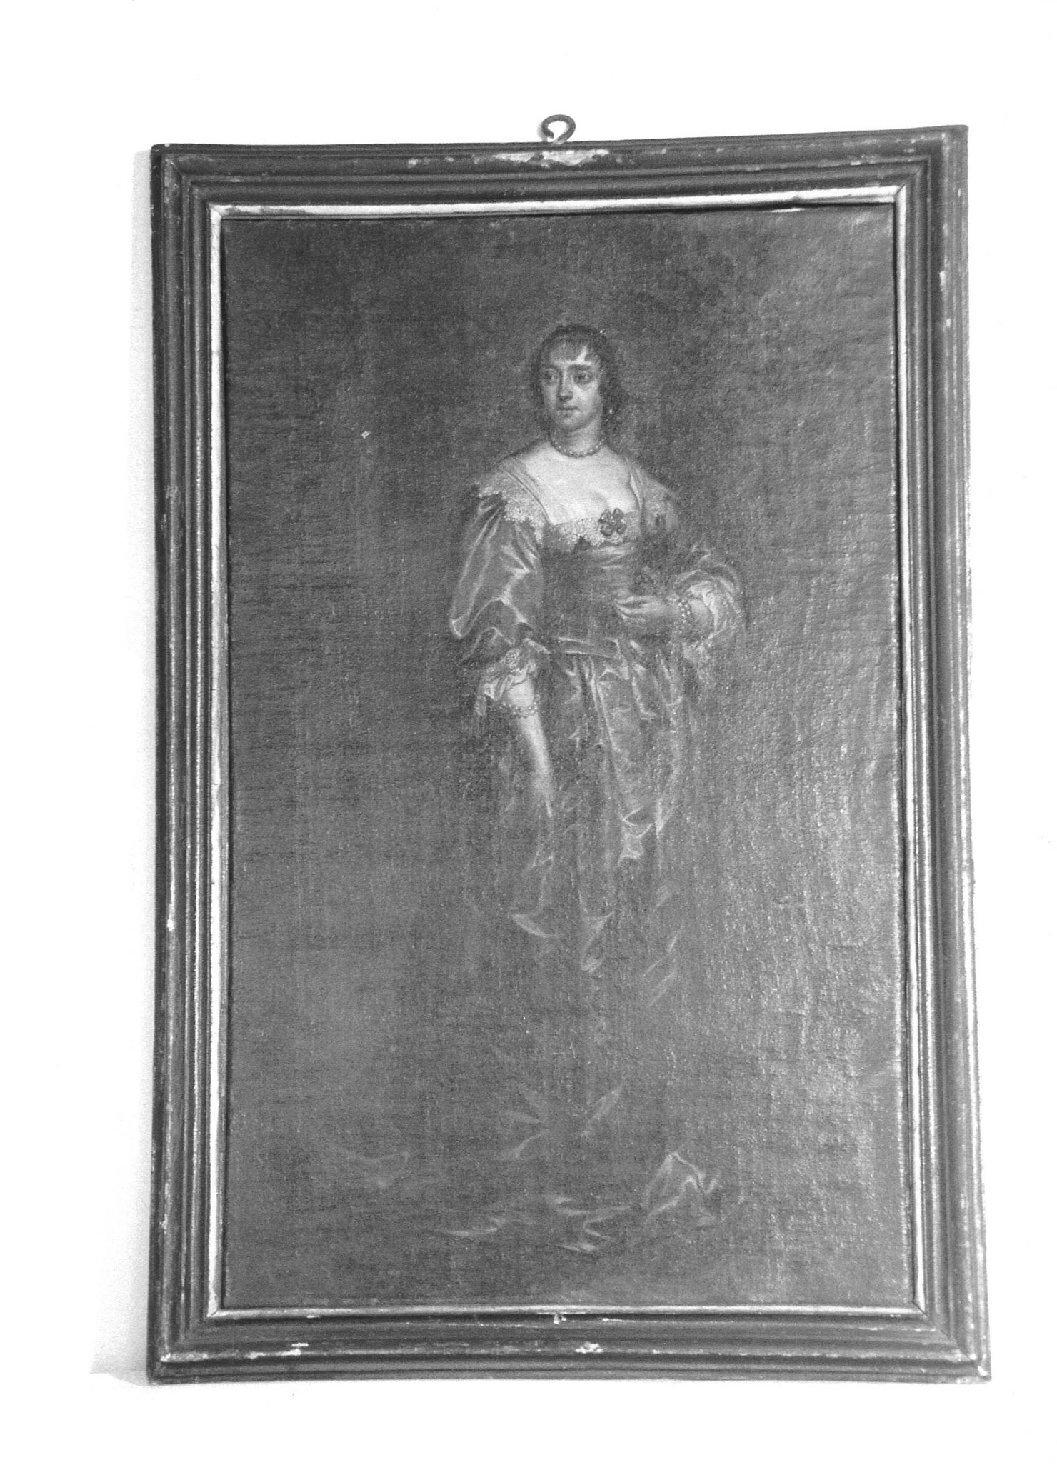 ritratto di donna (dipinto, opera isolata) - ambito fiammingo (prima metà sec. XVII)